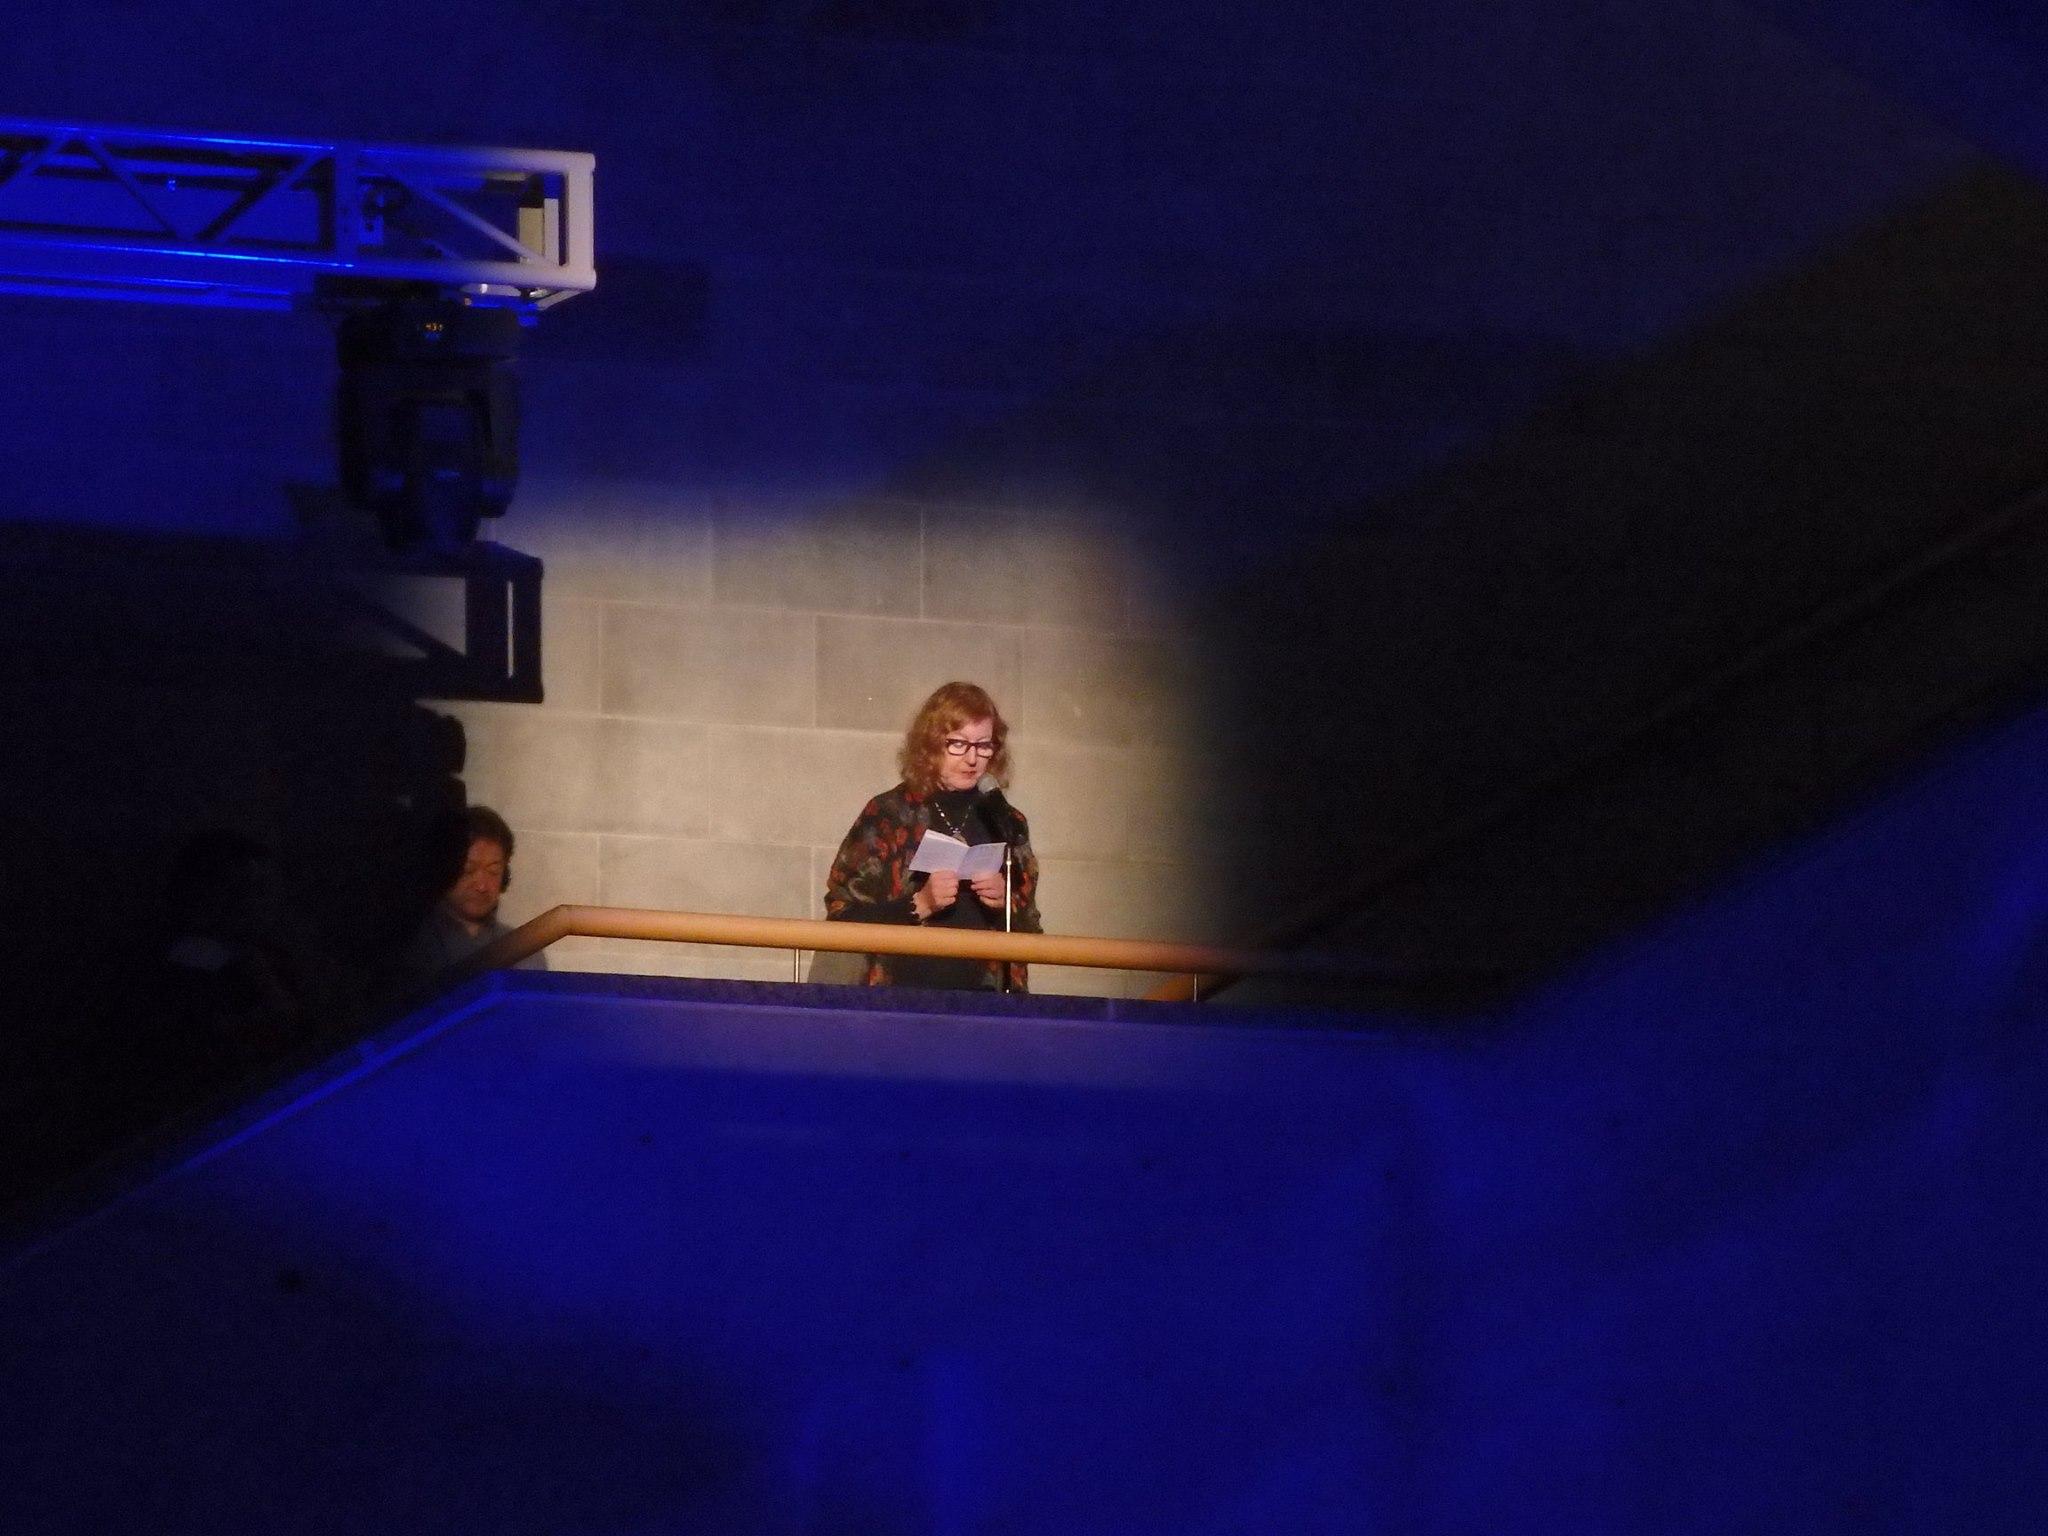 Marianne Bargum lukemassa ruotsintamaansa Josephine Bakerin runoa yleiskokouksen avajaisseremoniassa. Kuva: Sirpa Kähkönen